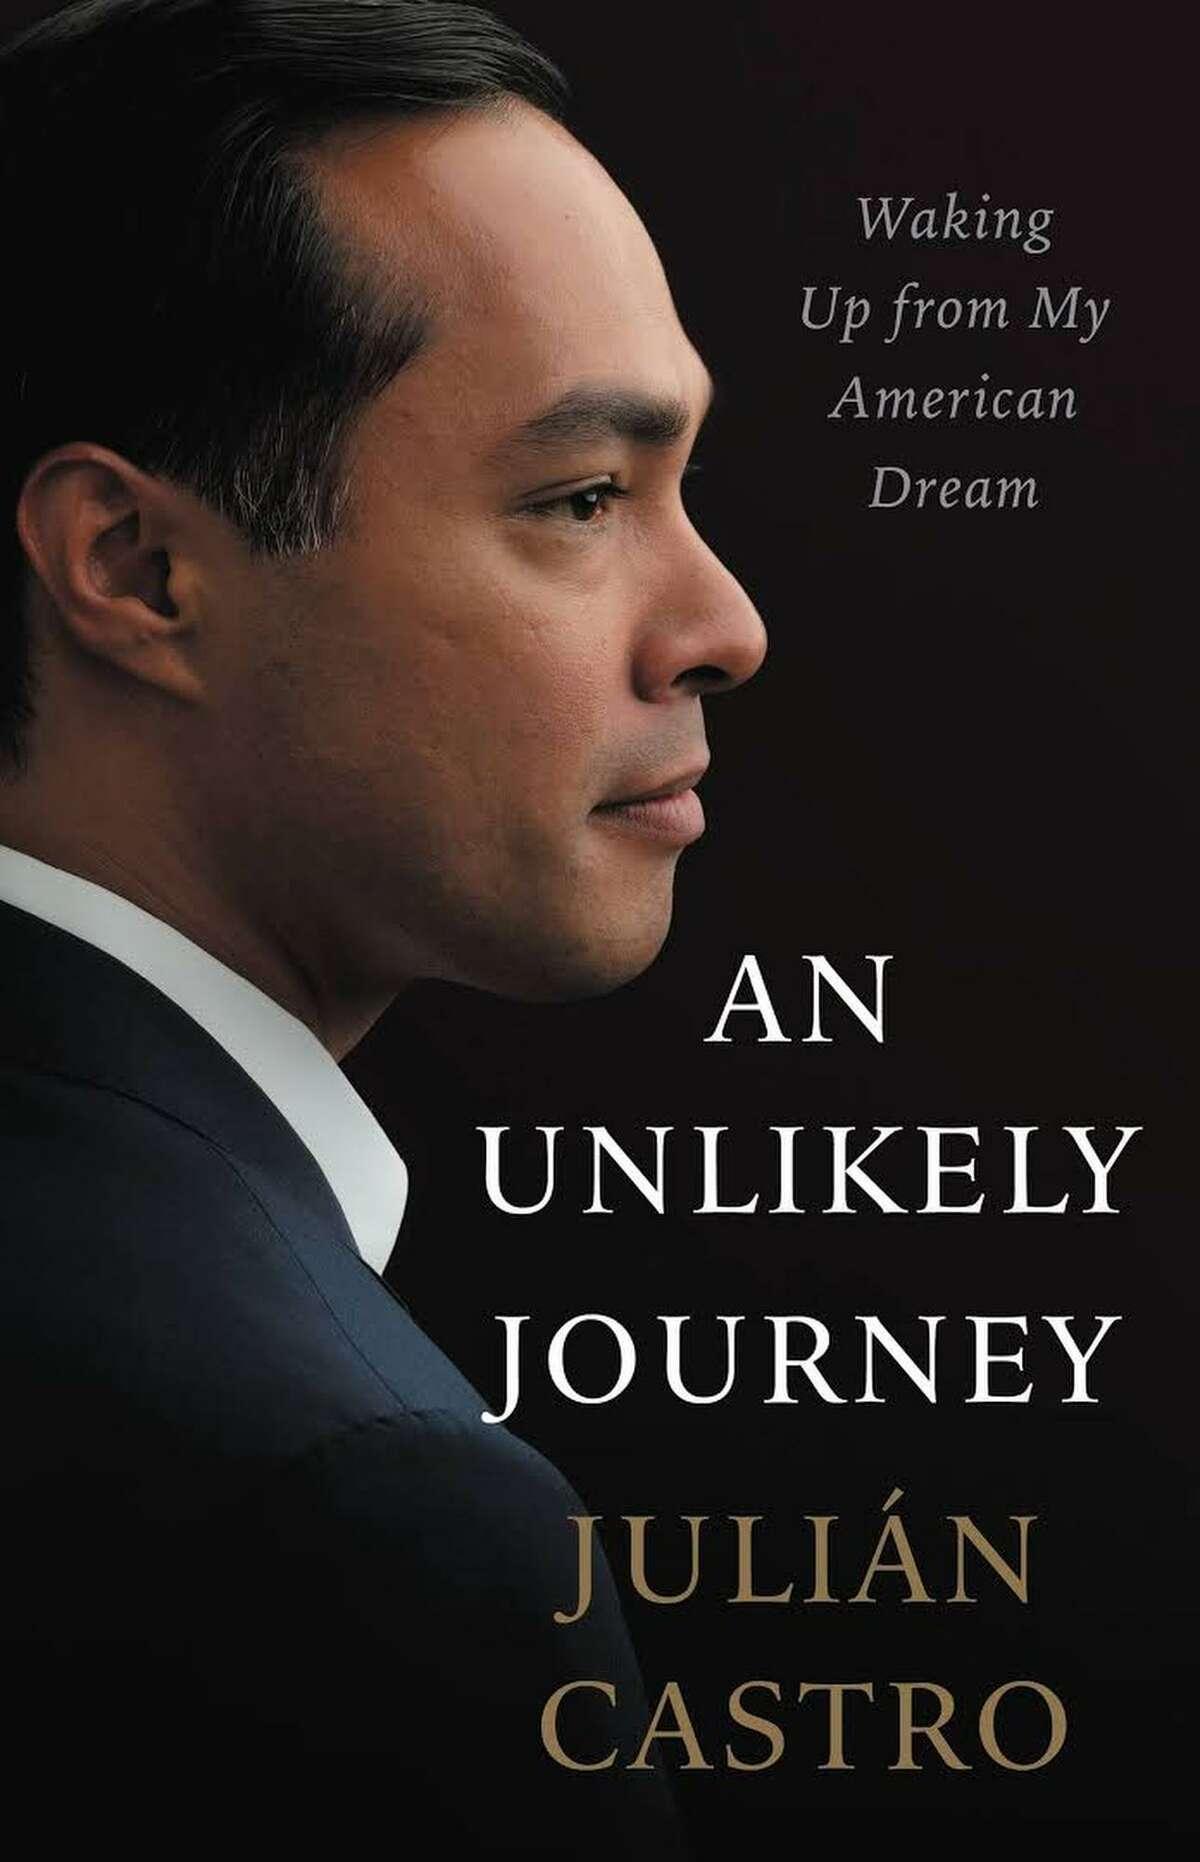 The cover of Julian Castro's book,